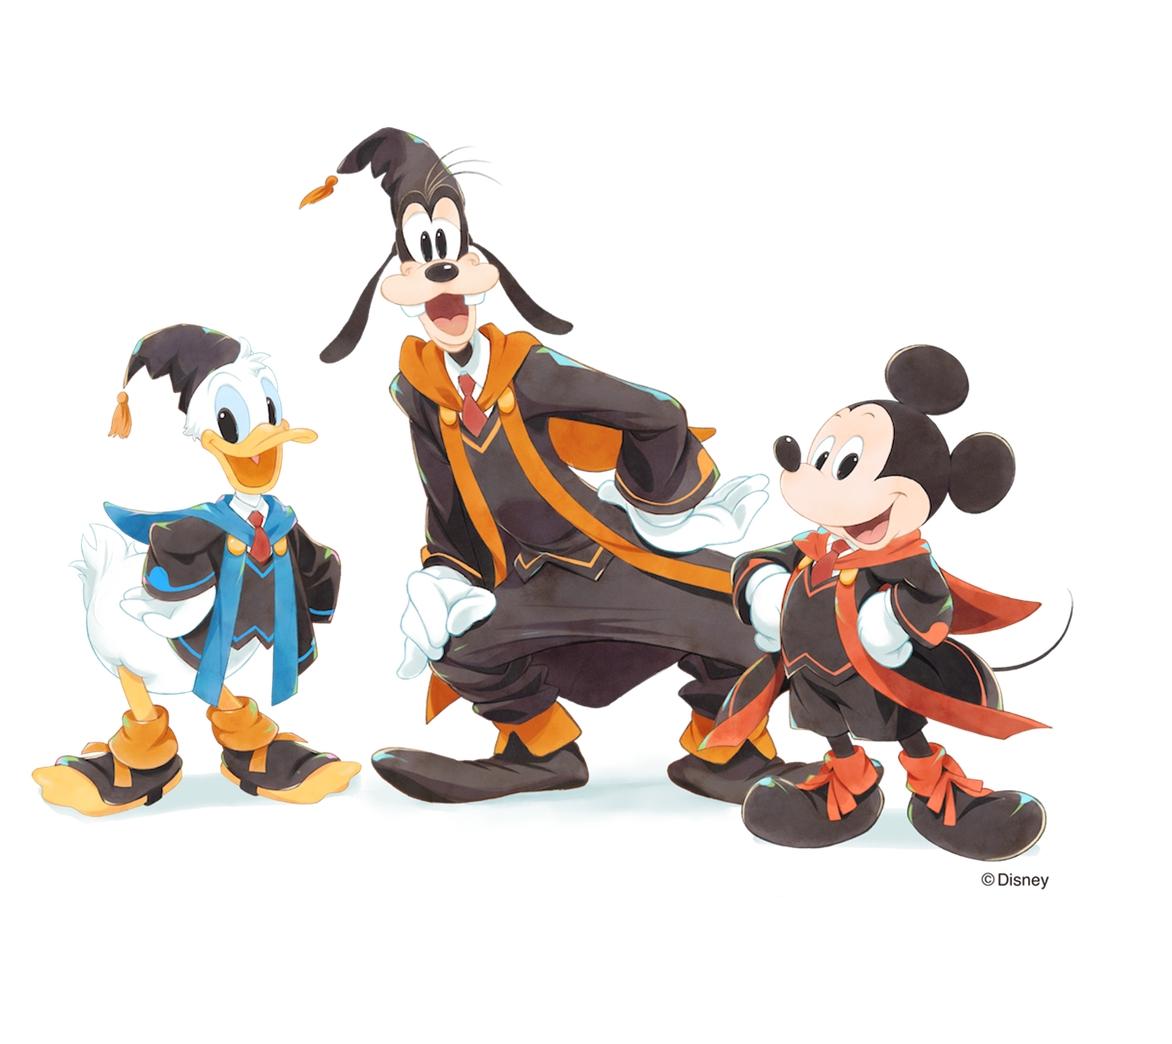 ディズニー・プログラミング学習教材「テクノロジア魔法学校」ミッキー、ドナルド、グーフィー